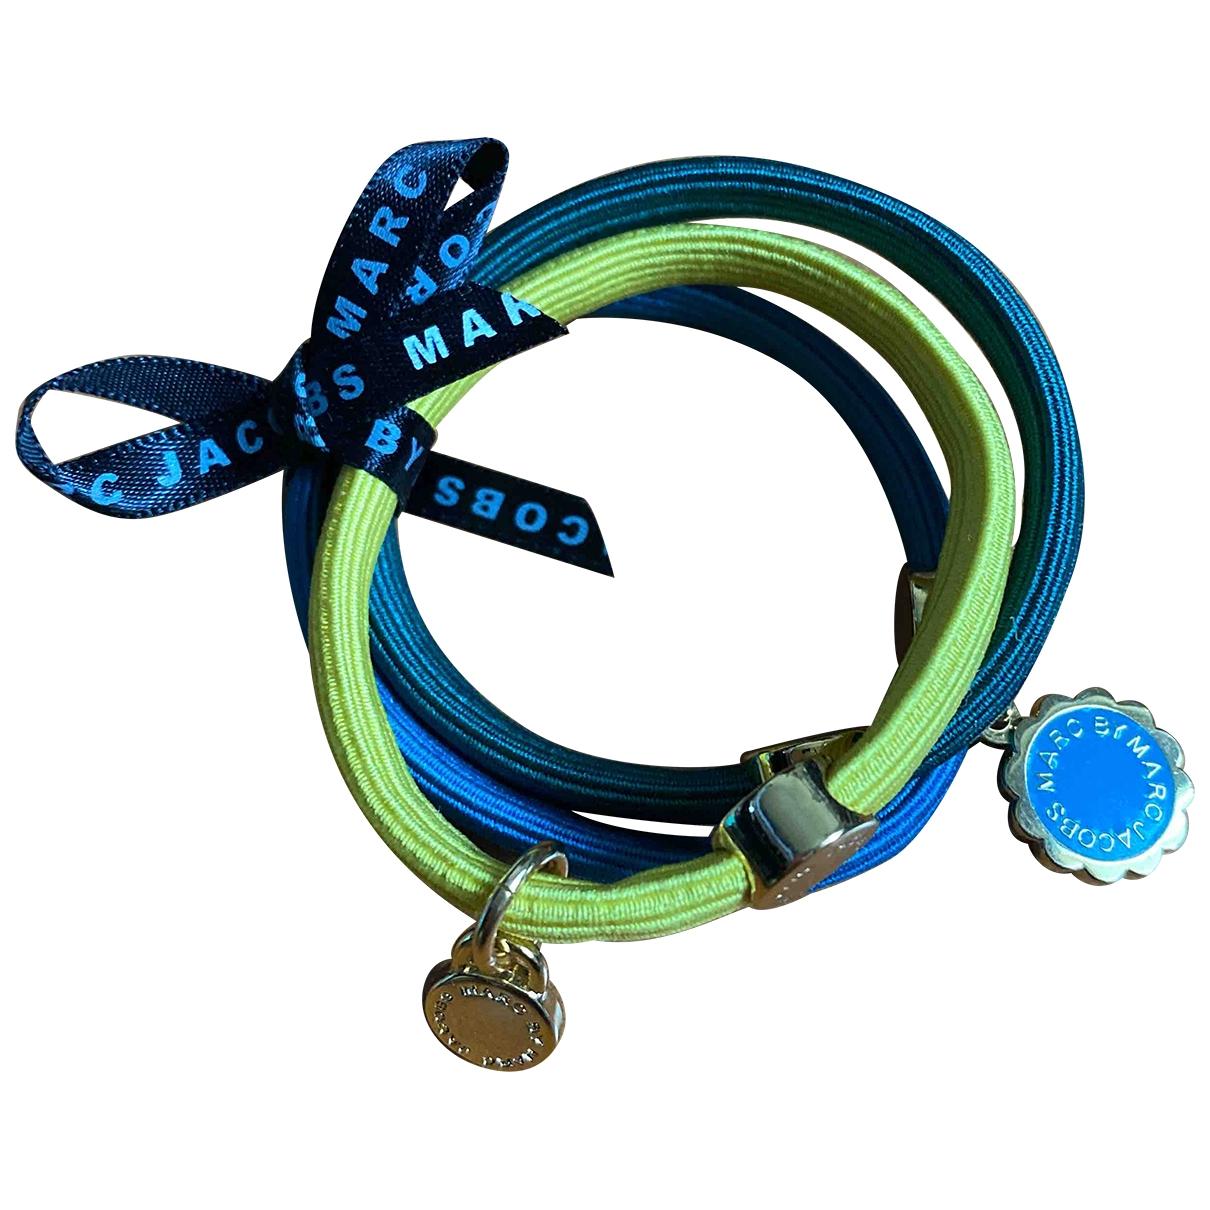 Marc By Marc Jacobs - Bracelet   pour femme en metal - multicolore